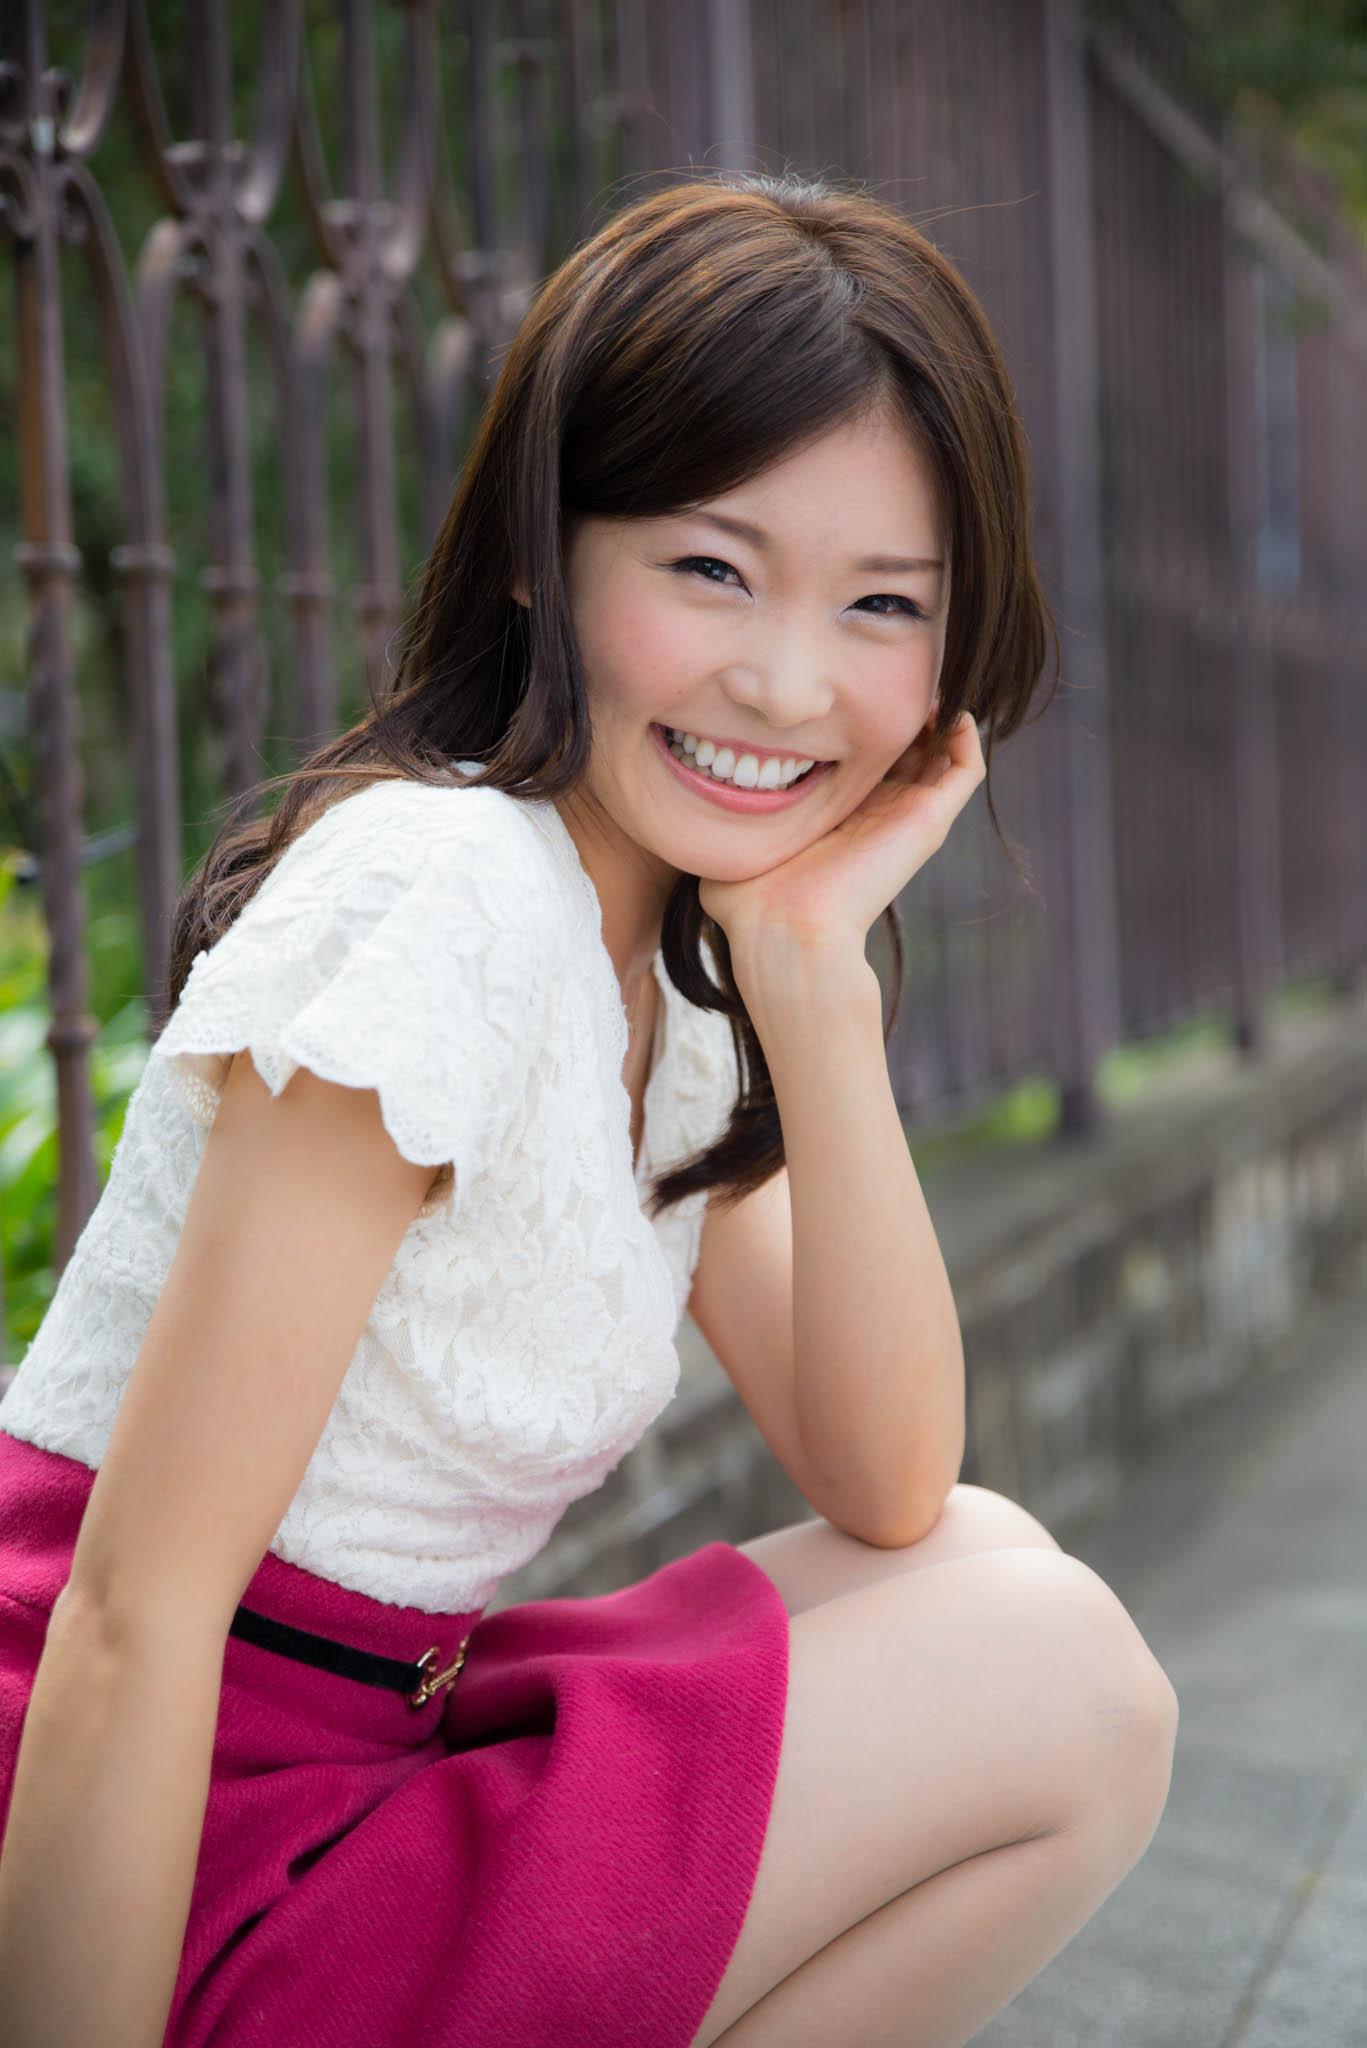 【2ch】福岡の美人チアリーダーの画像を貼っていくww   Download